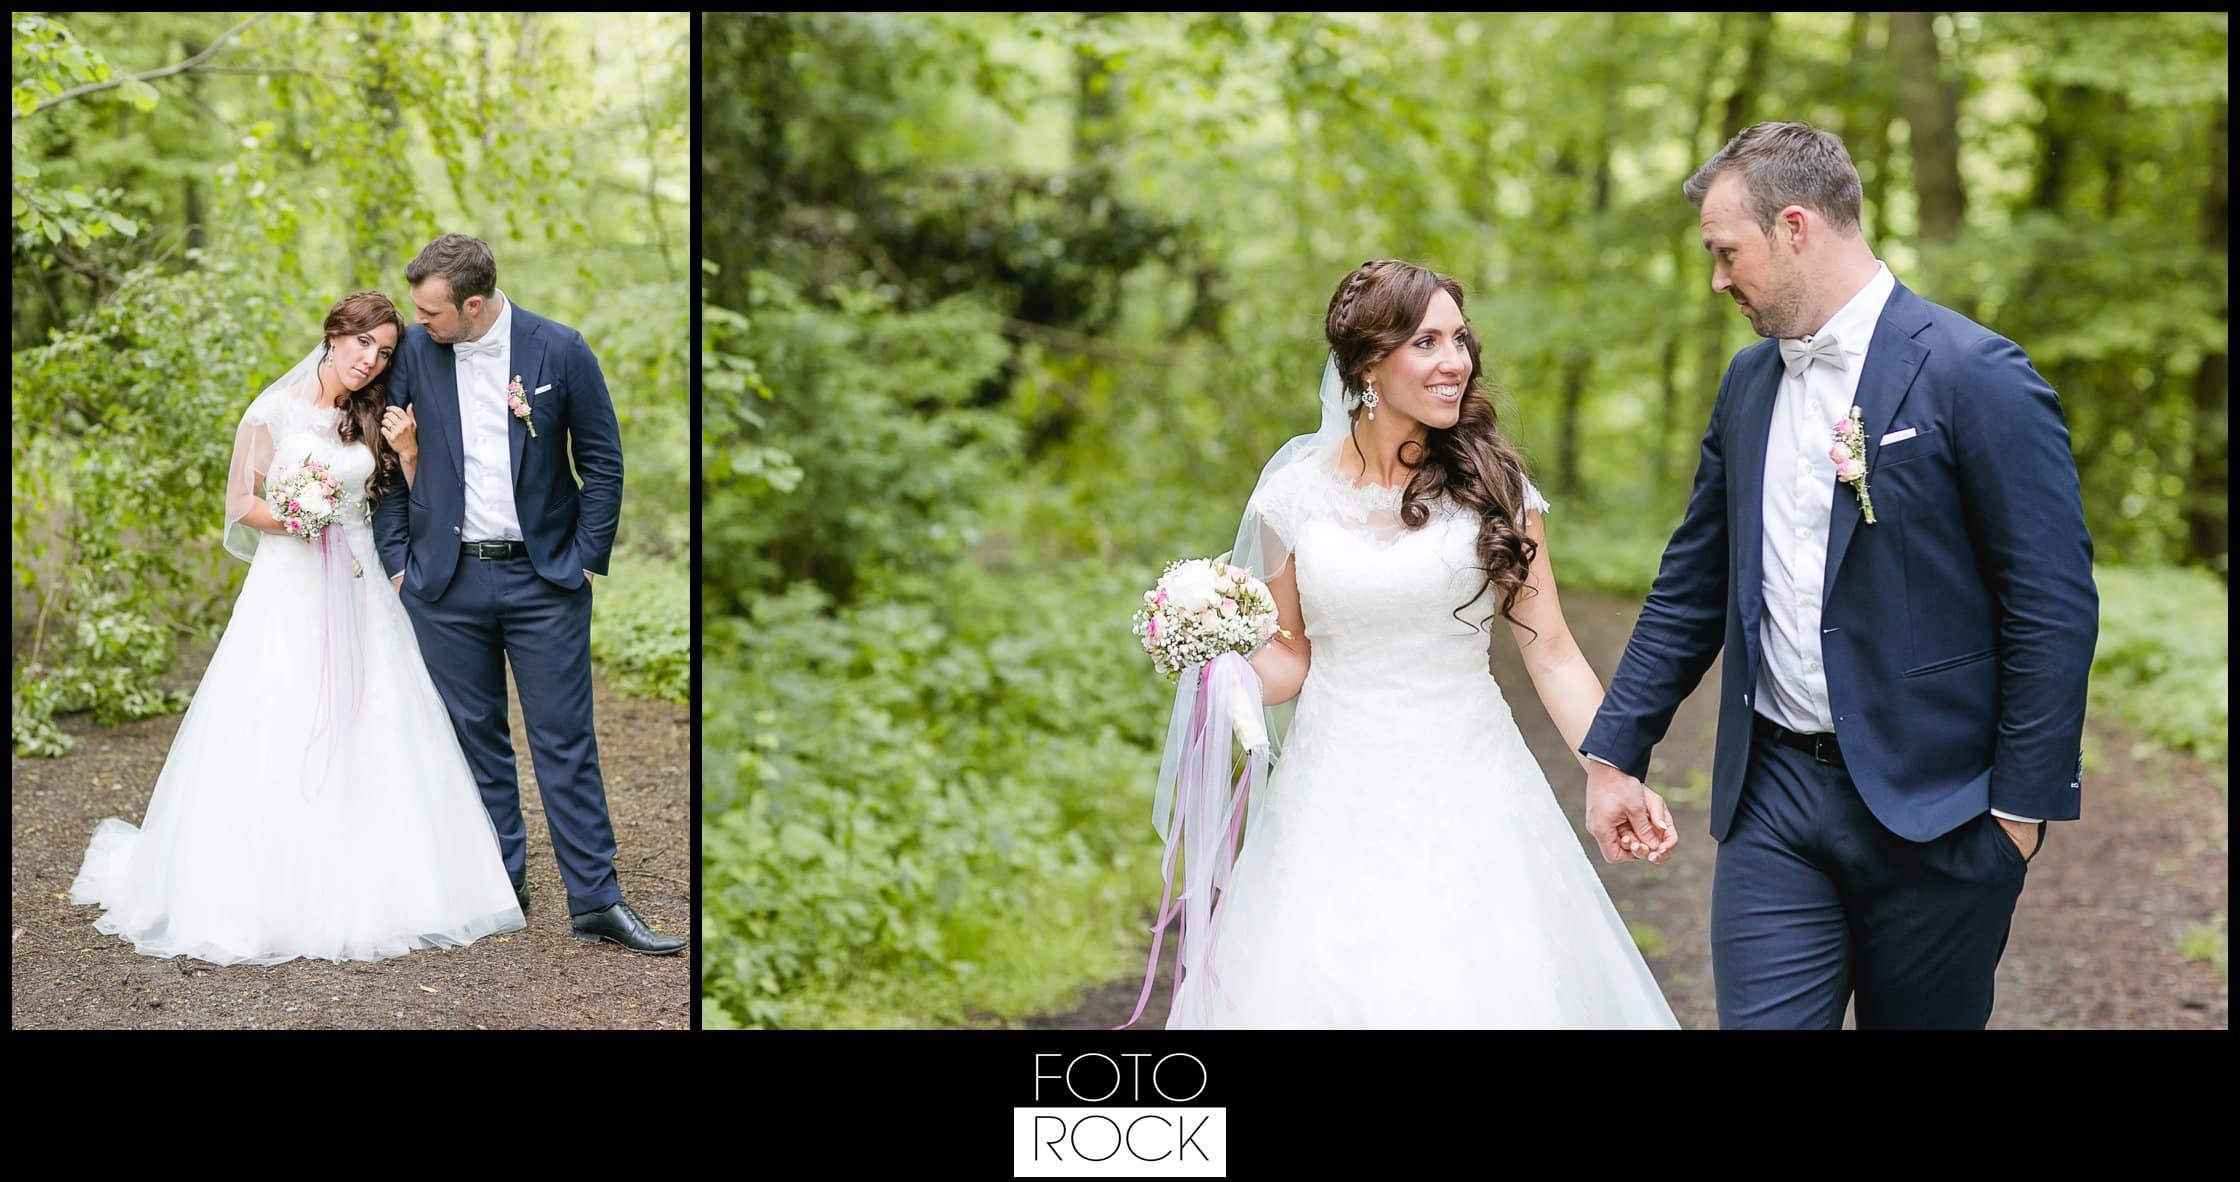 Hochzeit Lilienhof Ihringen Fotoshooting Photoshooting Brautpaar Wald